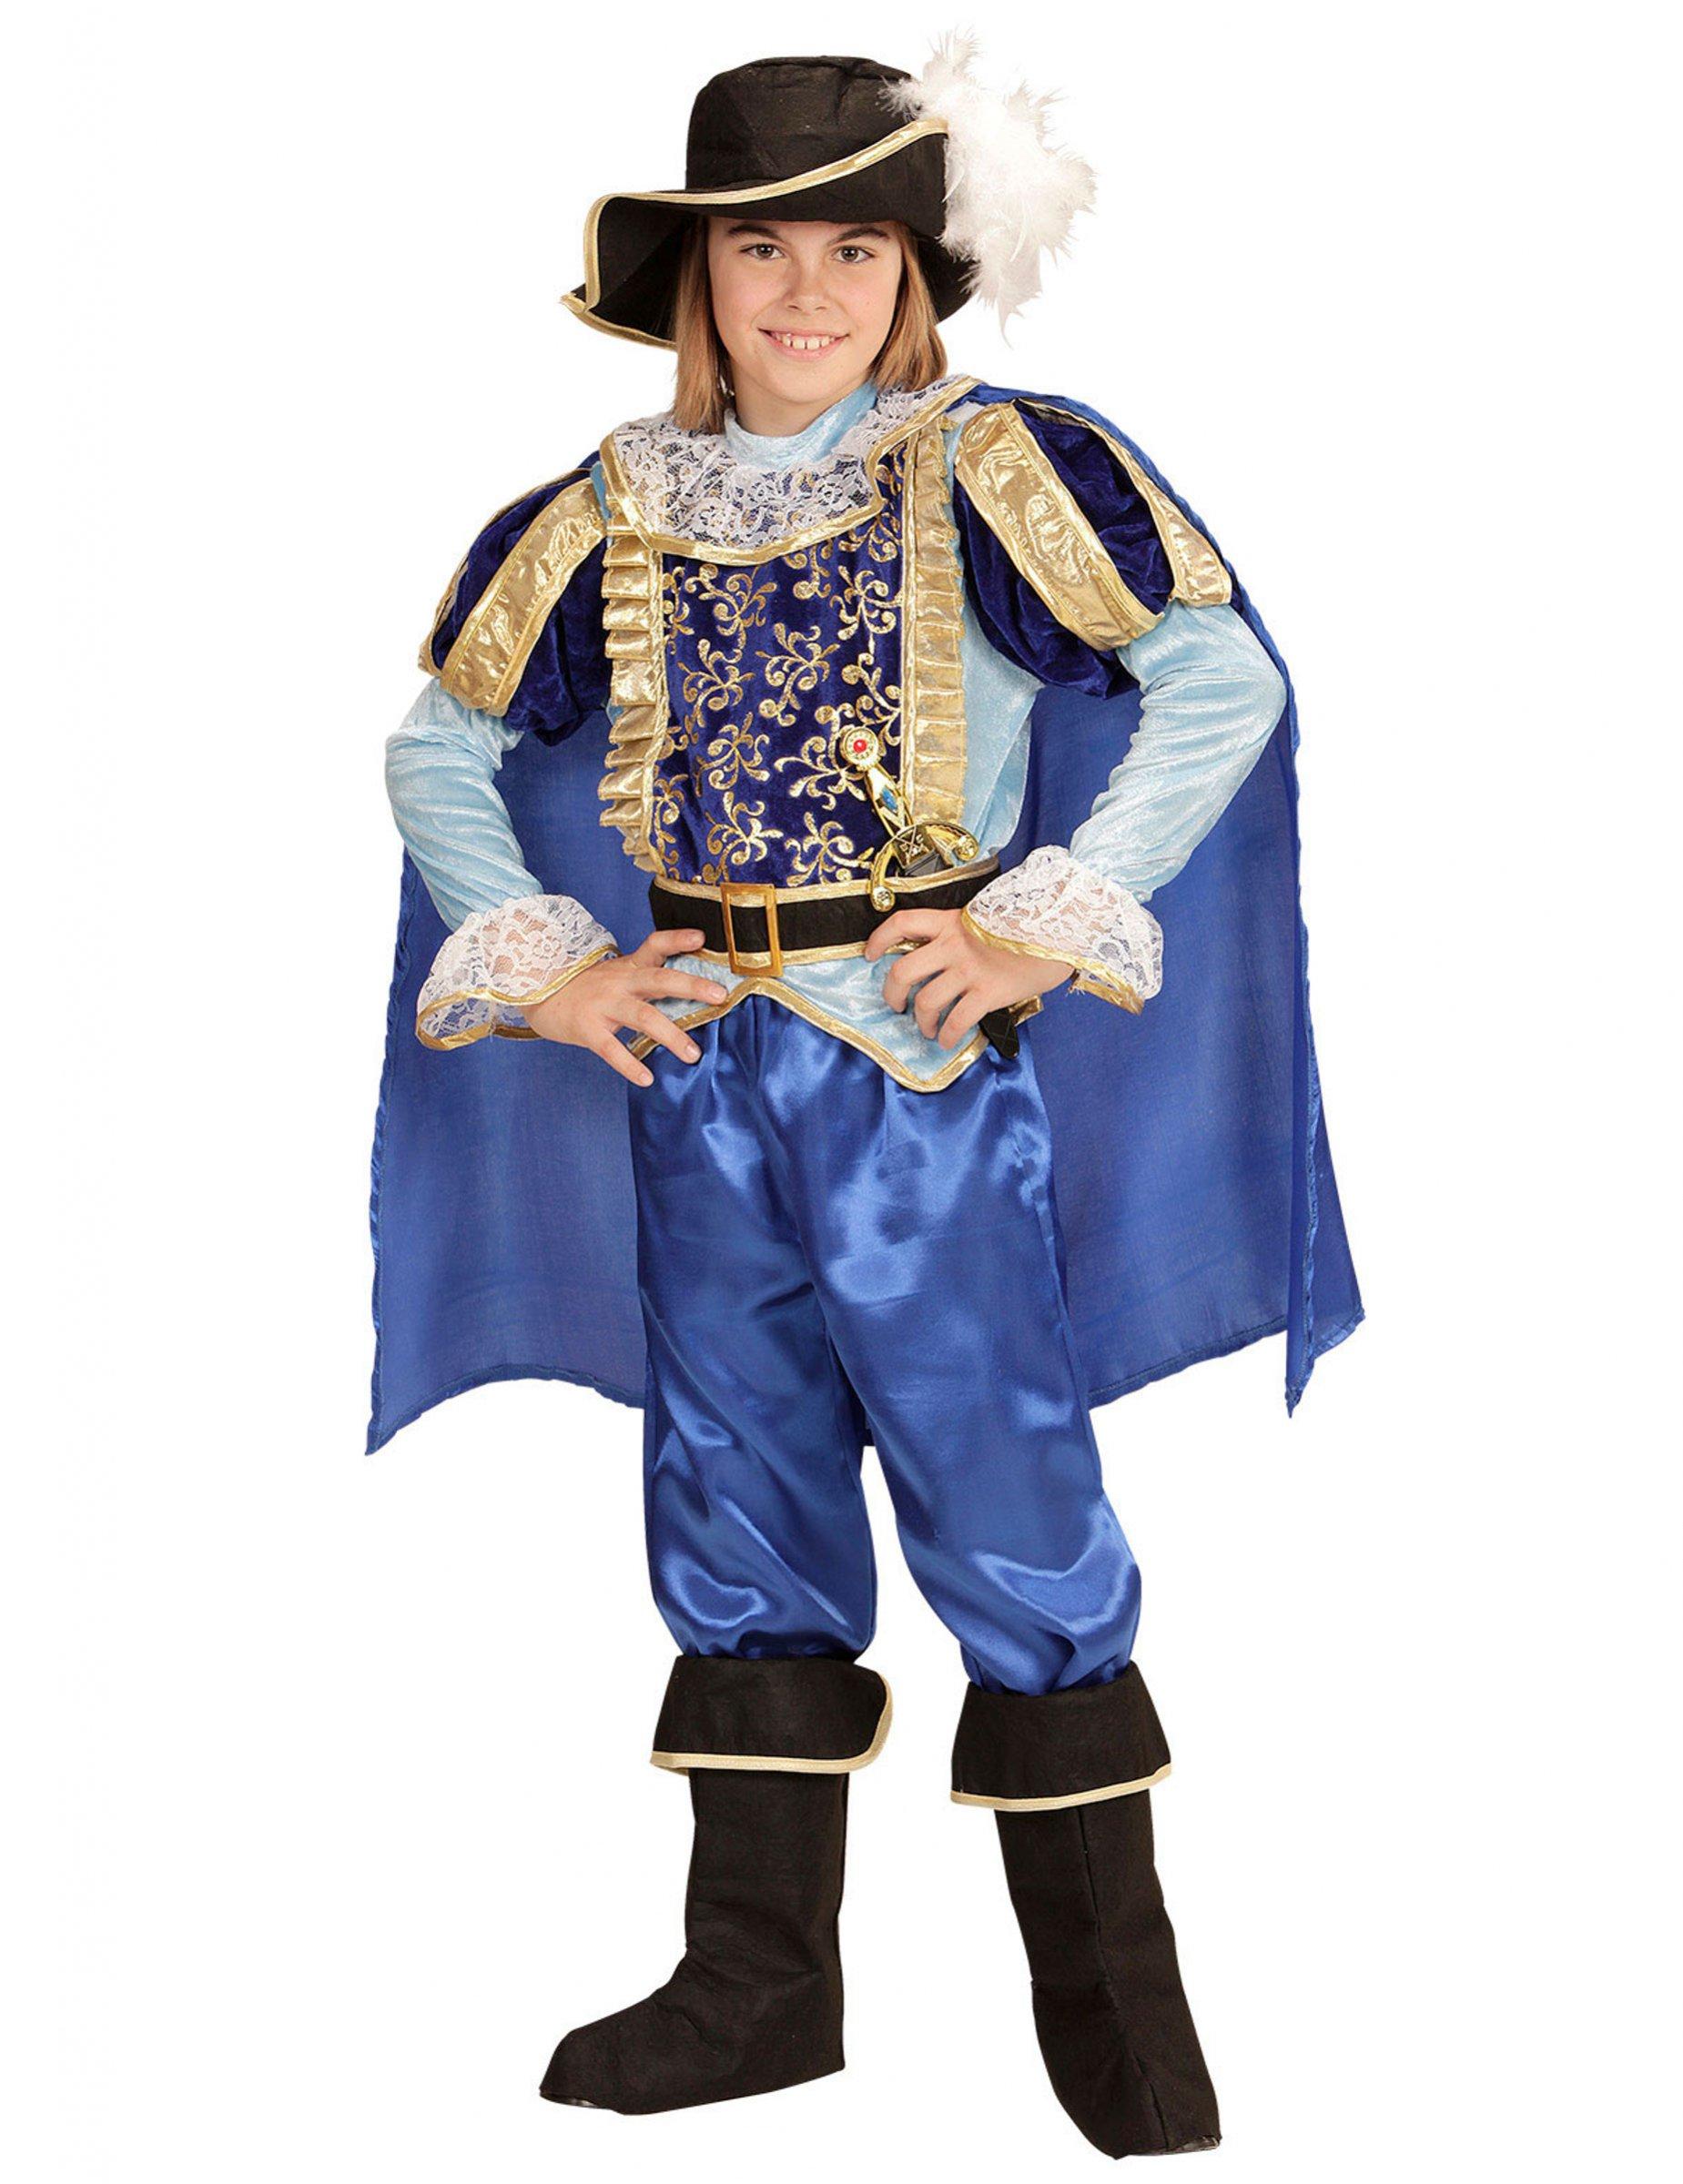 df6349d0c Disfraz príncipe encantador real niño